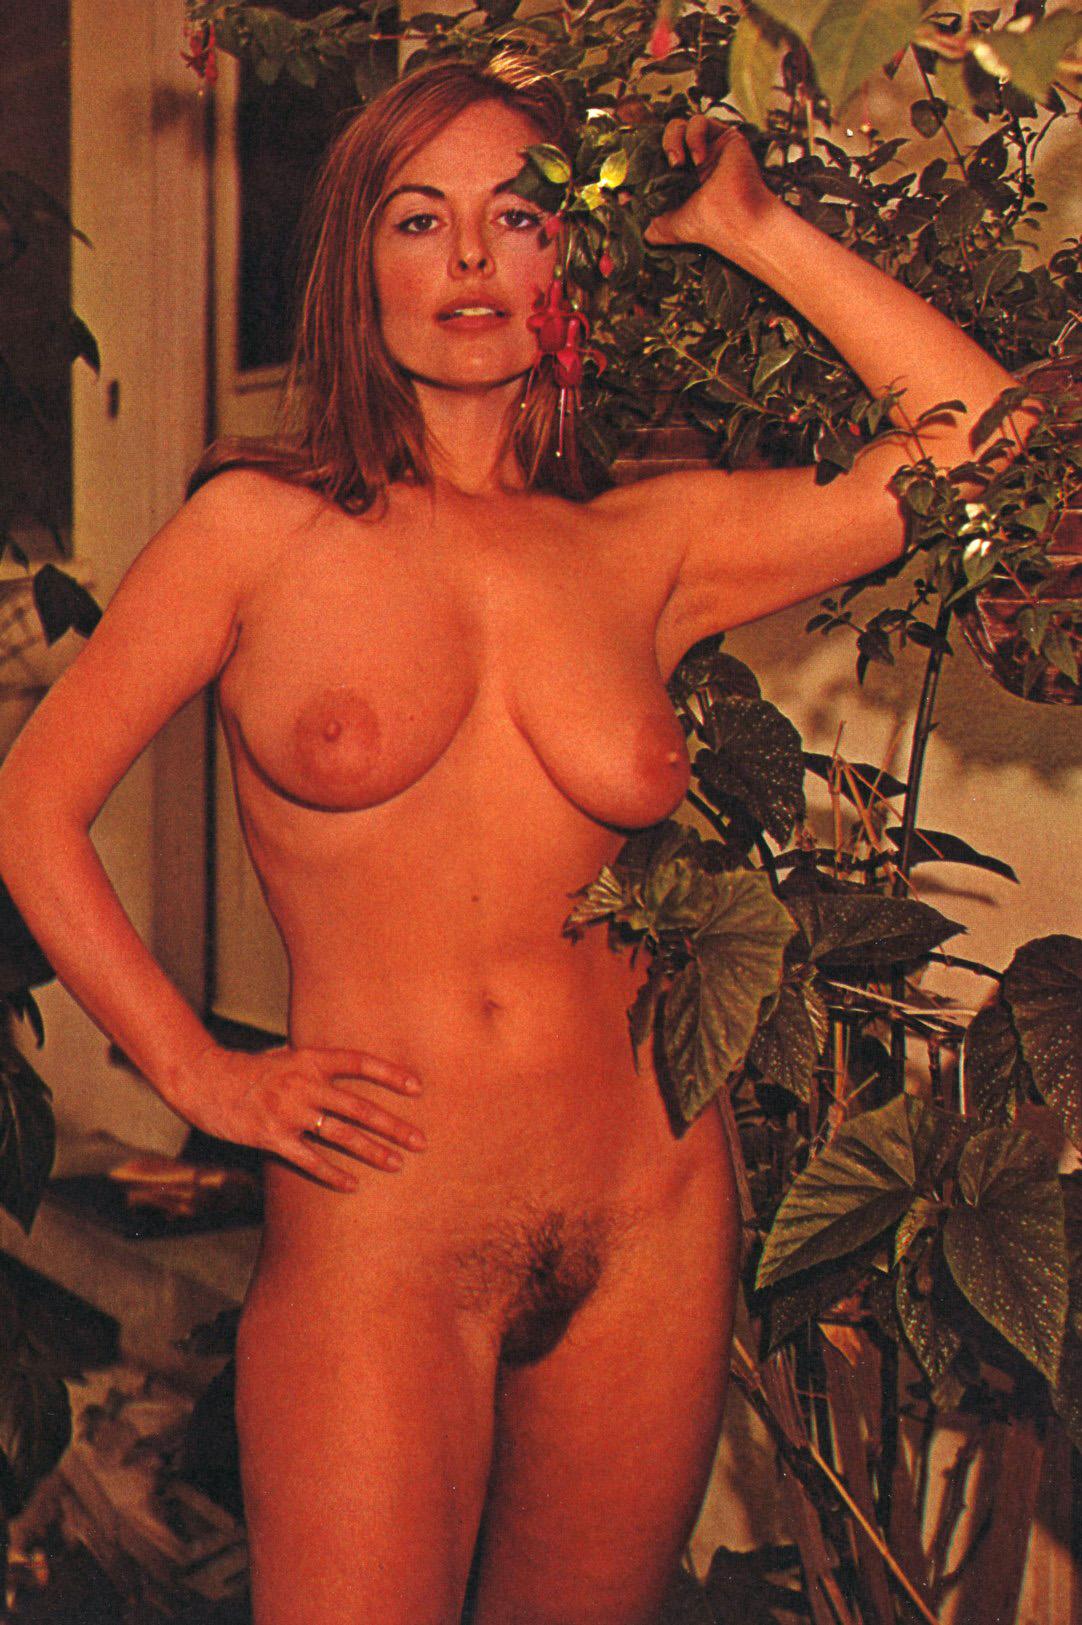 Marguerite-Empey-aka-diane-webber 08.jpg